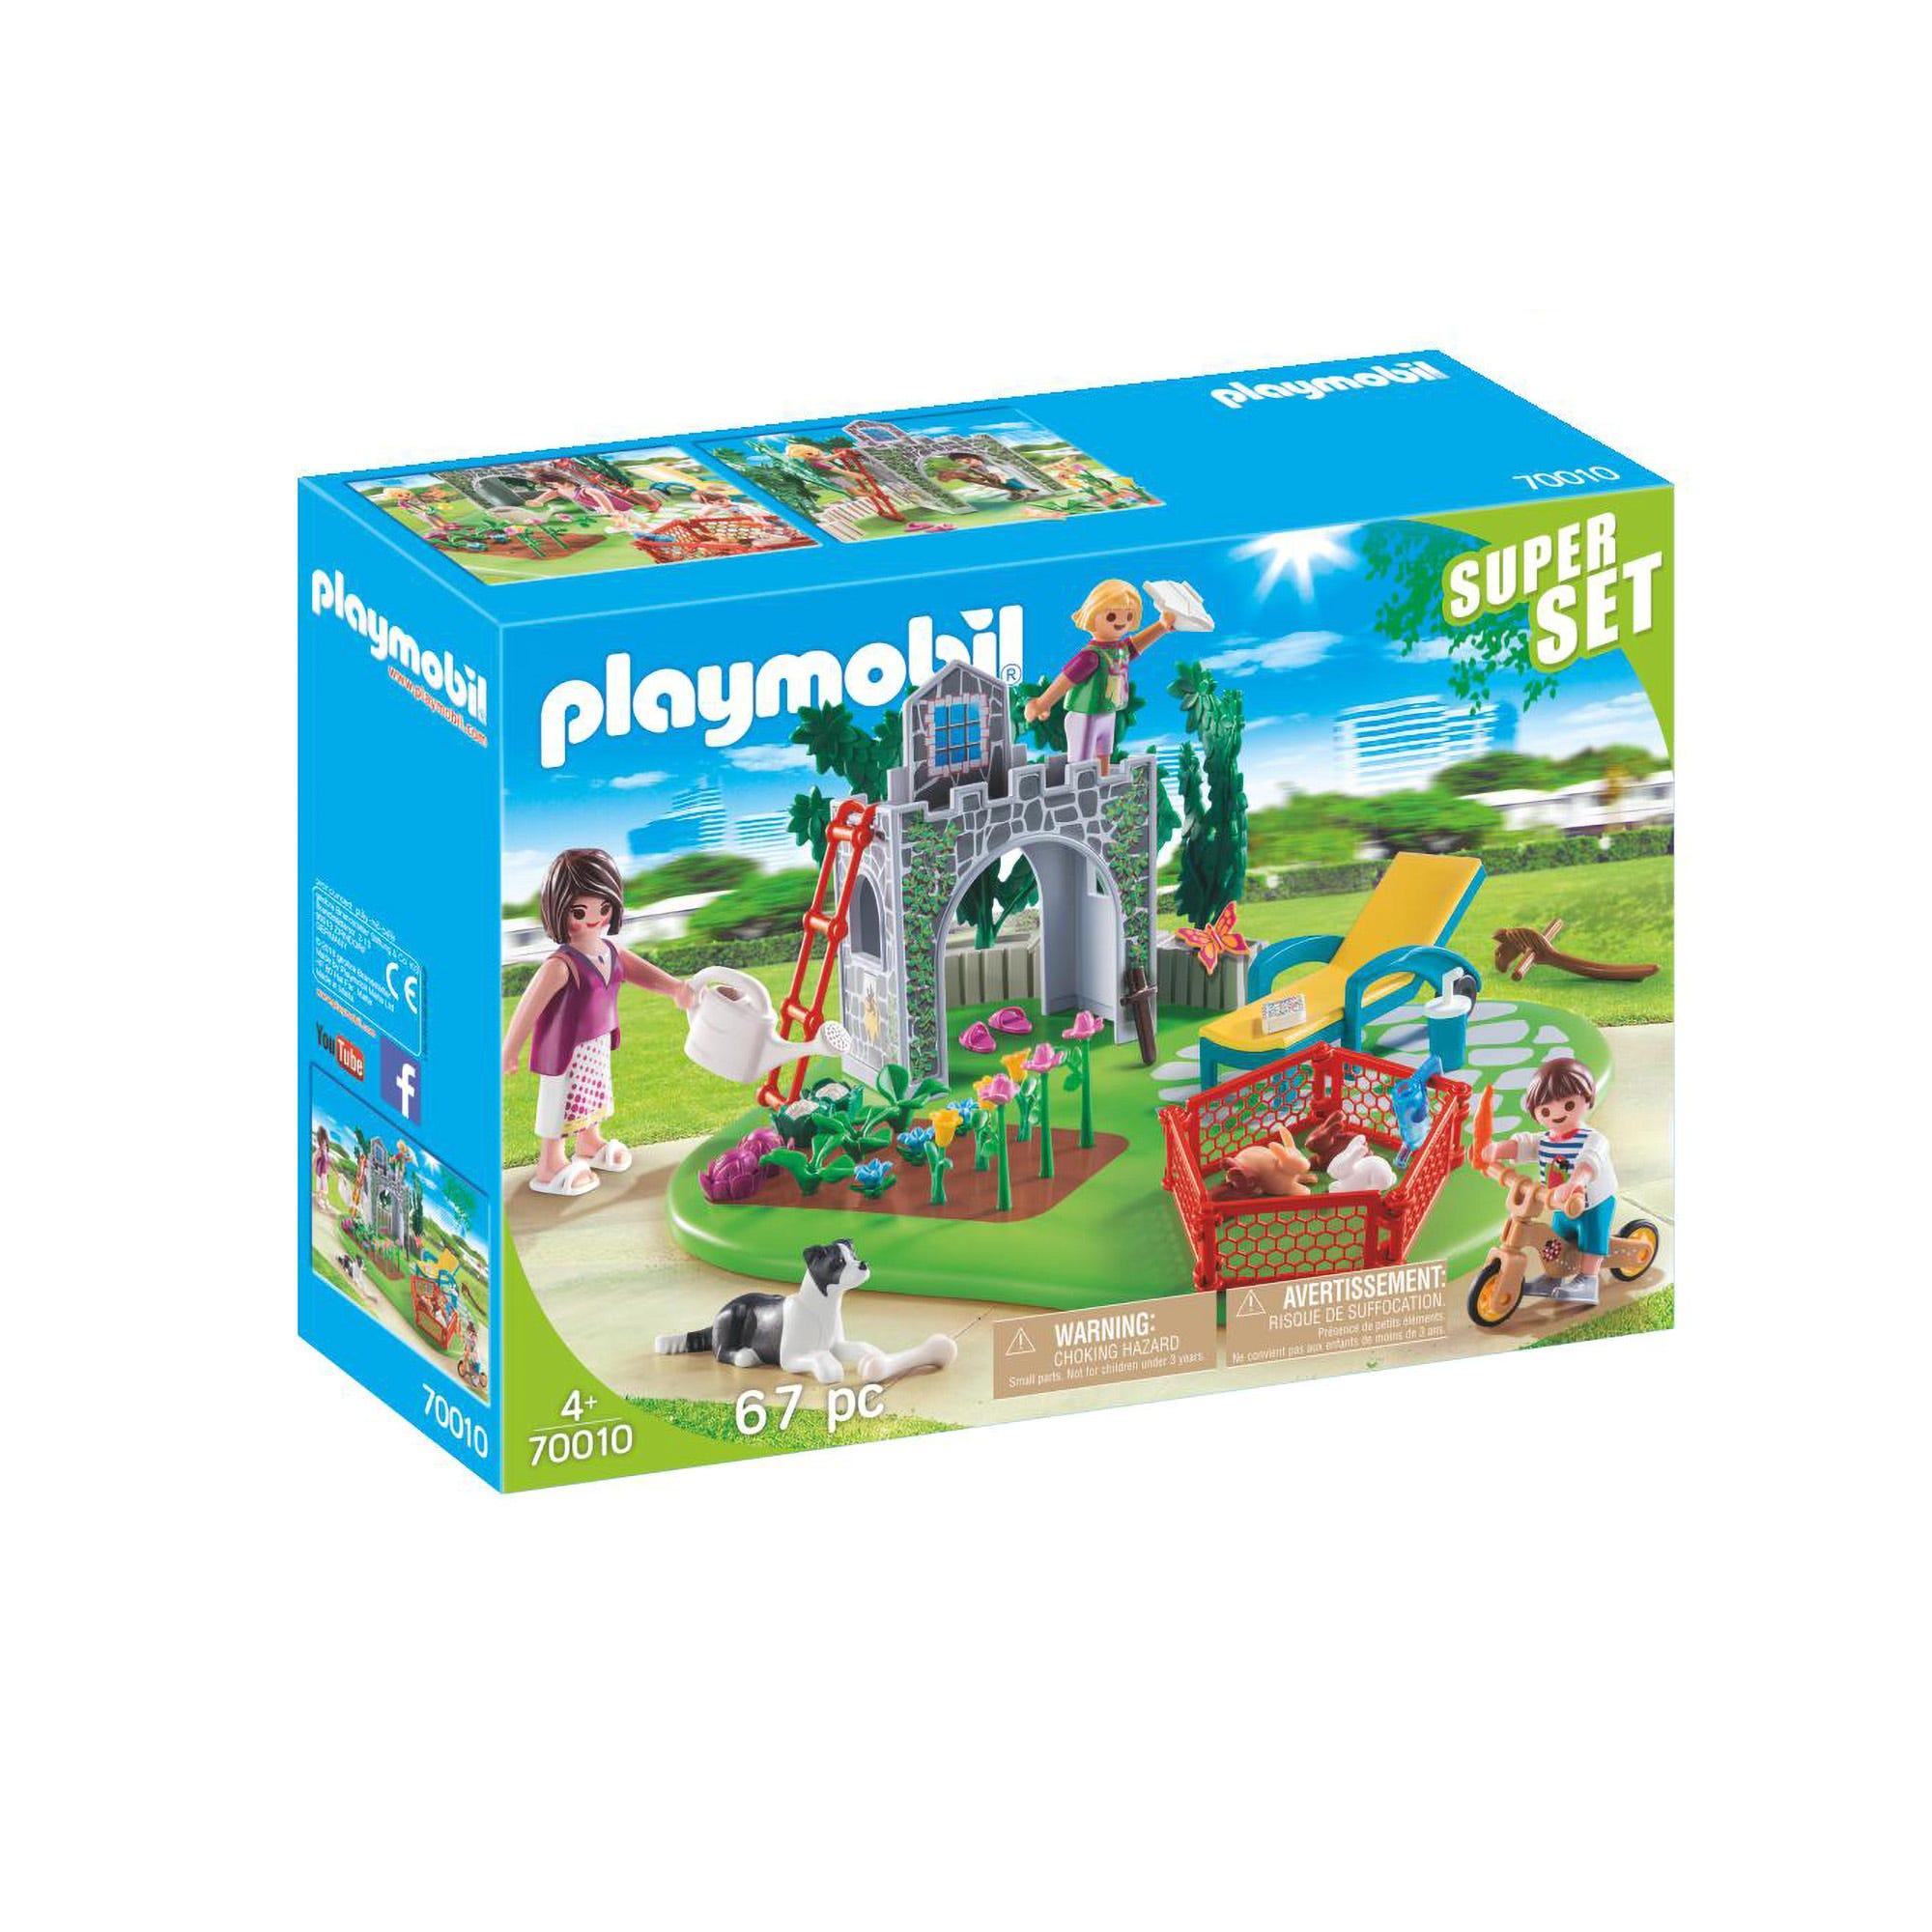 Playmobil 70010 Super Set Family Garden